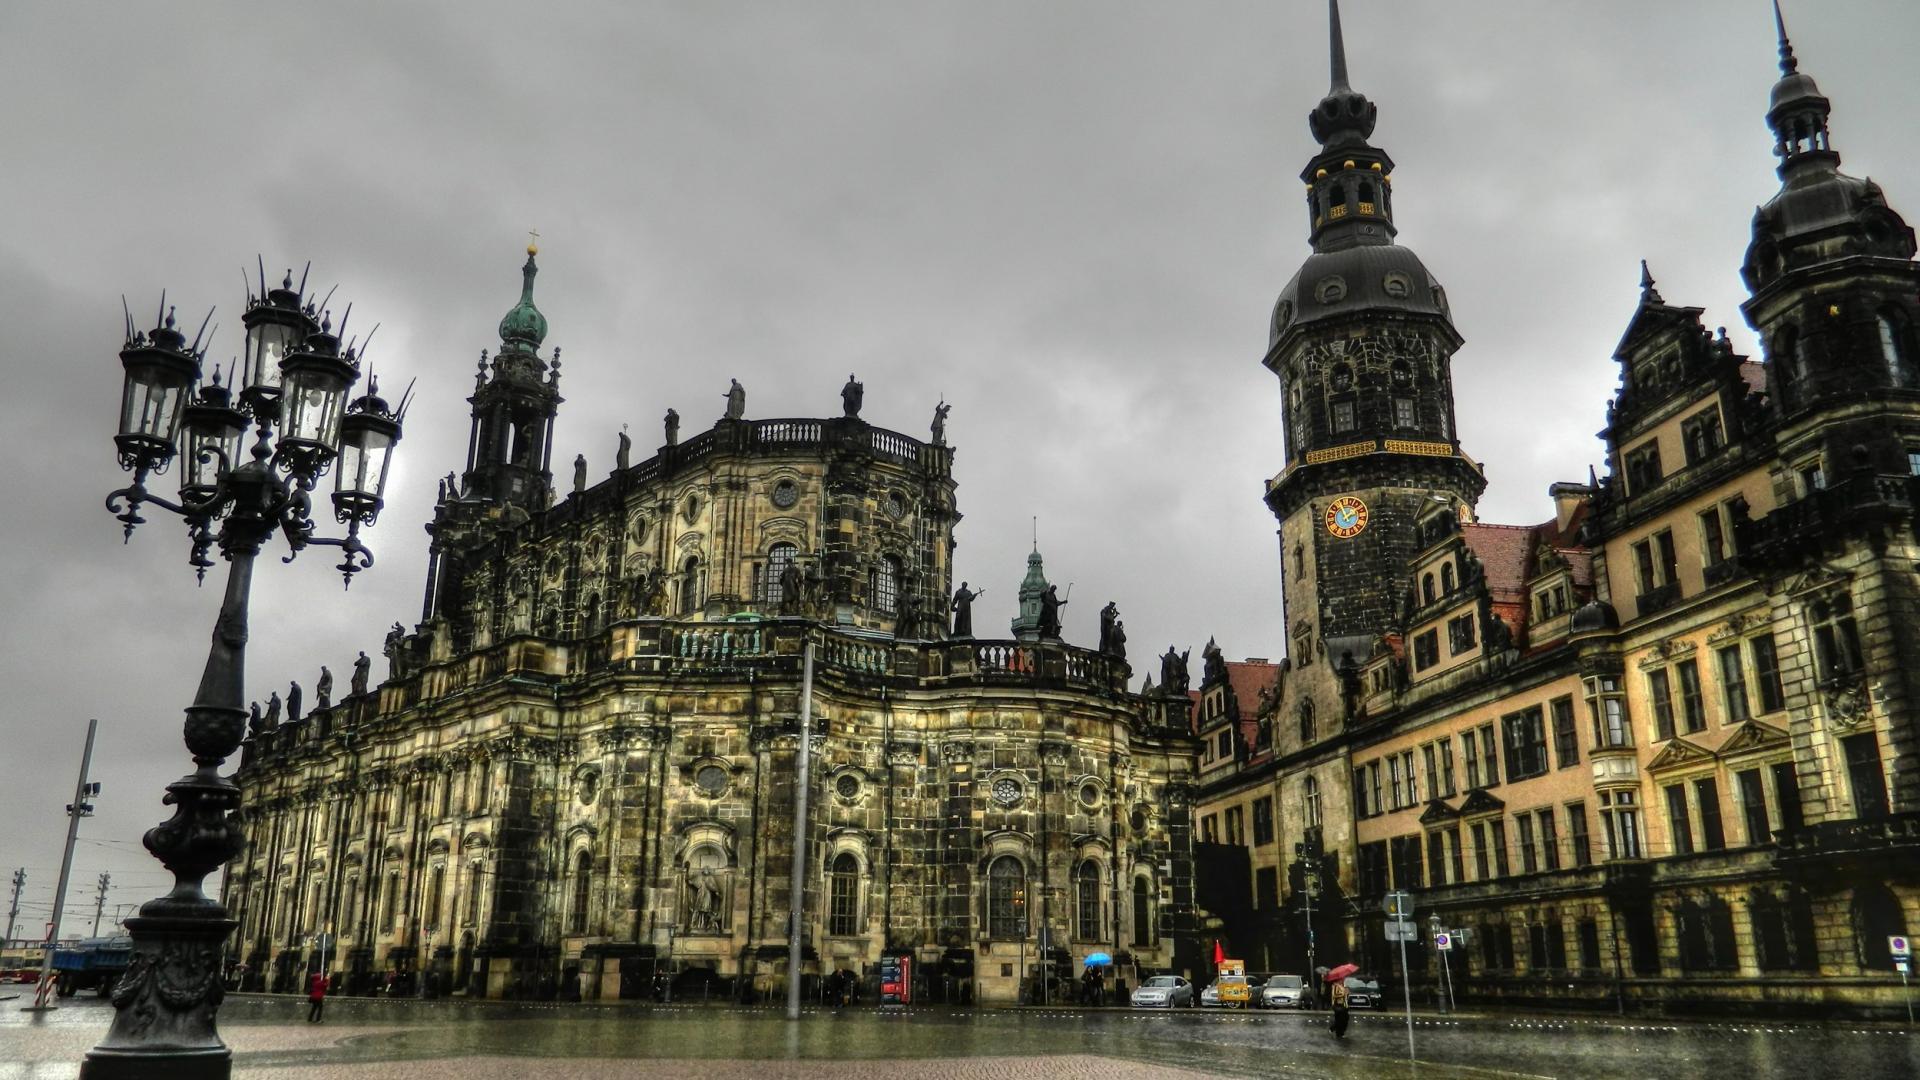 Nhà thờ lớn Frankfurt